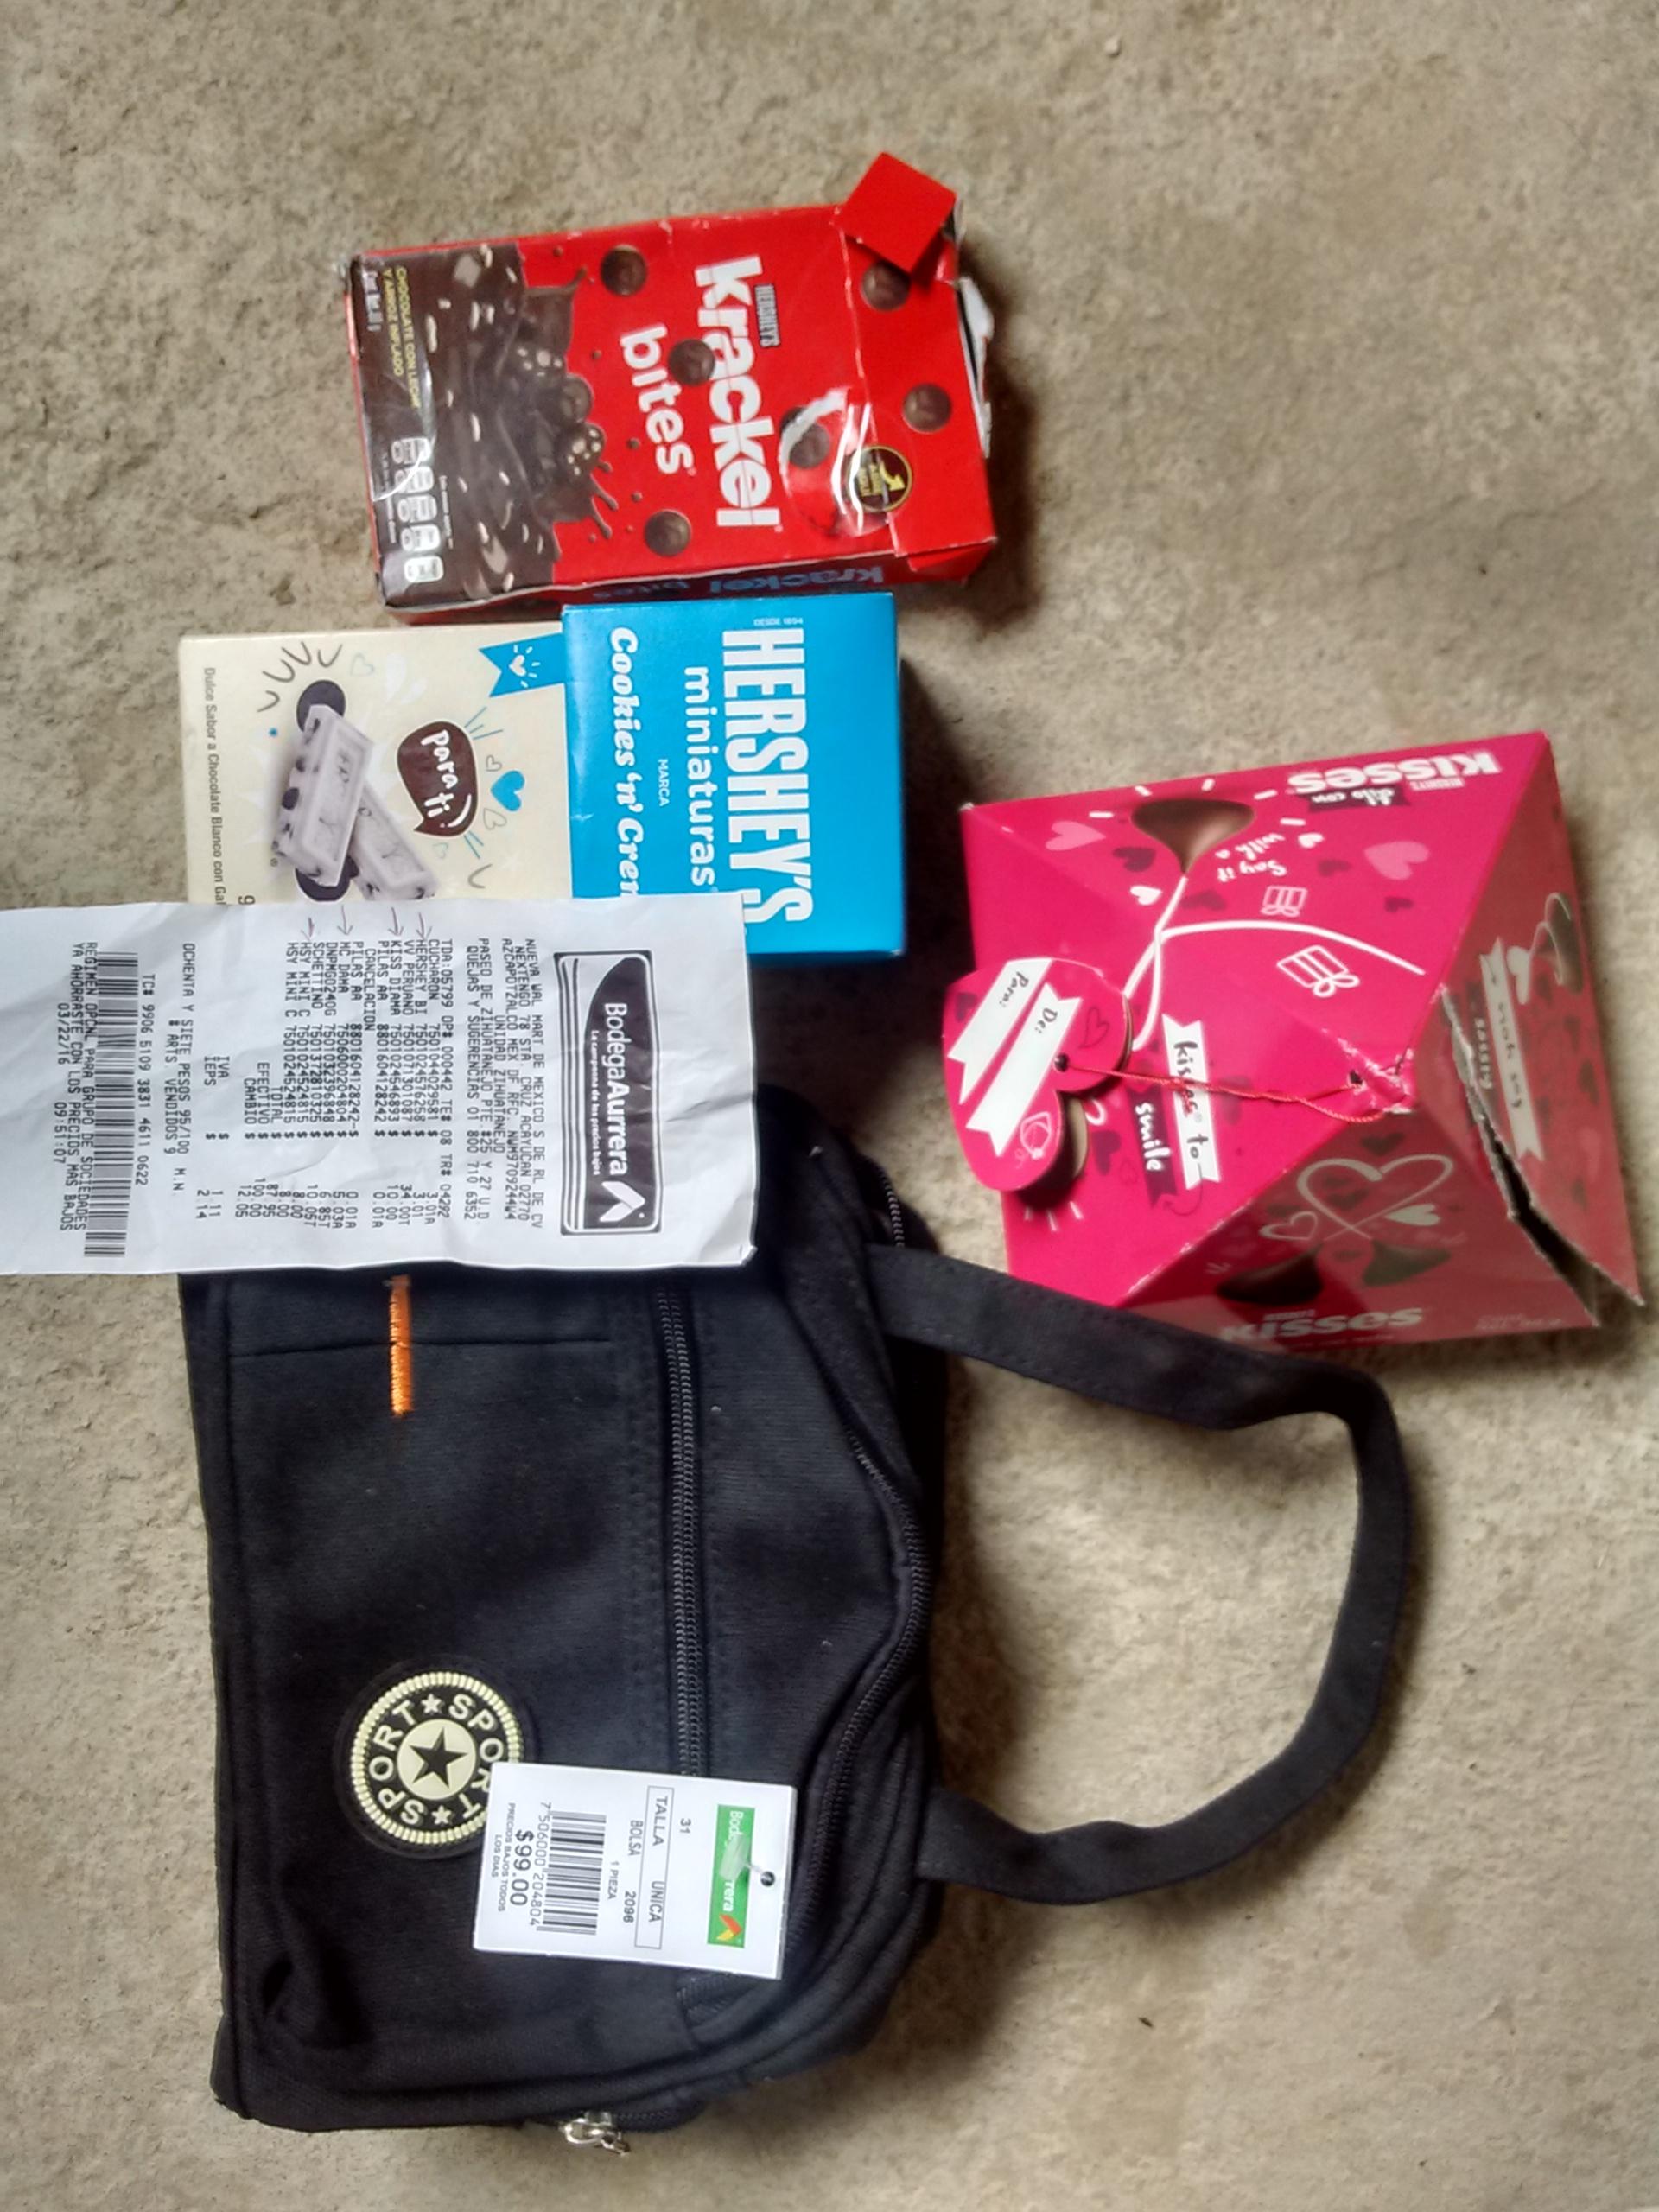 Bodega Aurrerá: Bolsa de mano de $99 a $5.03, varios chocolates Hershey's